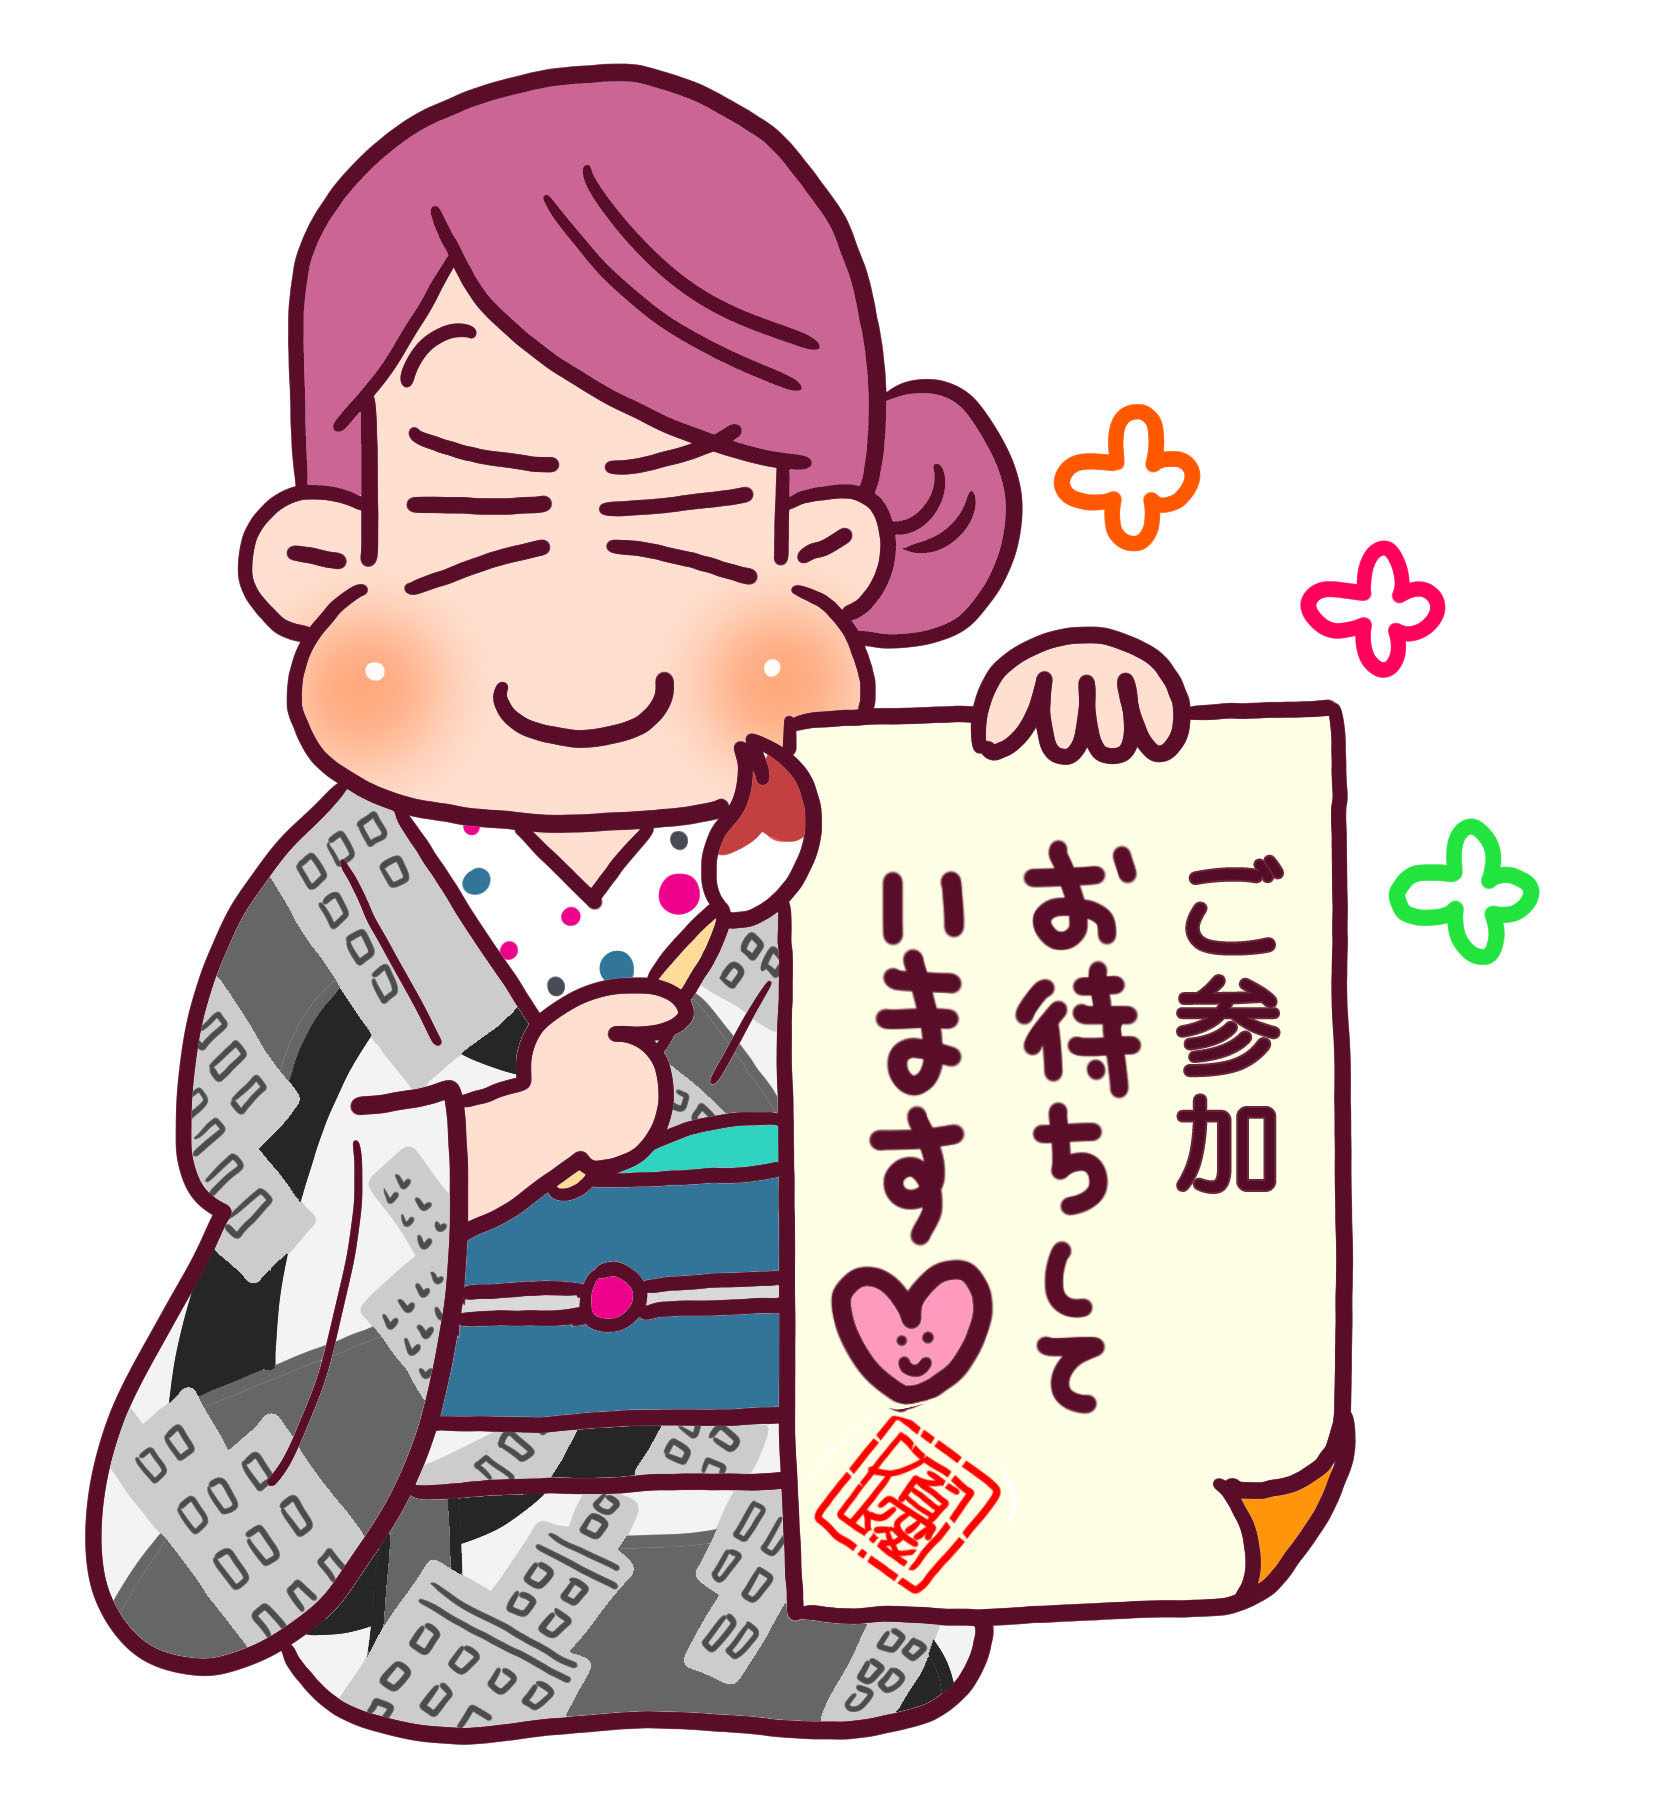 高野優さん茶話会(大阪)